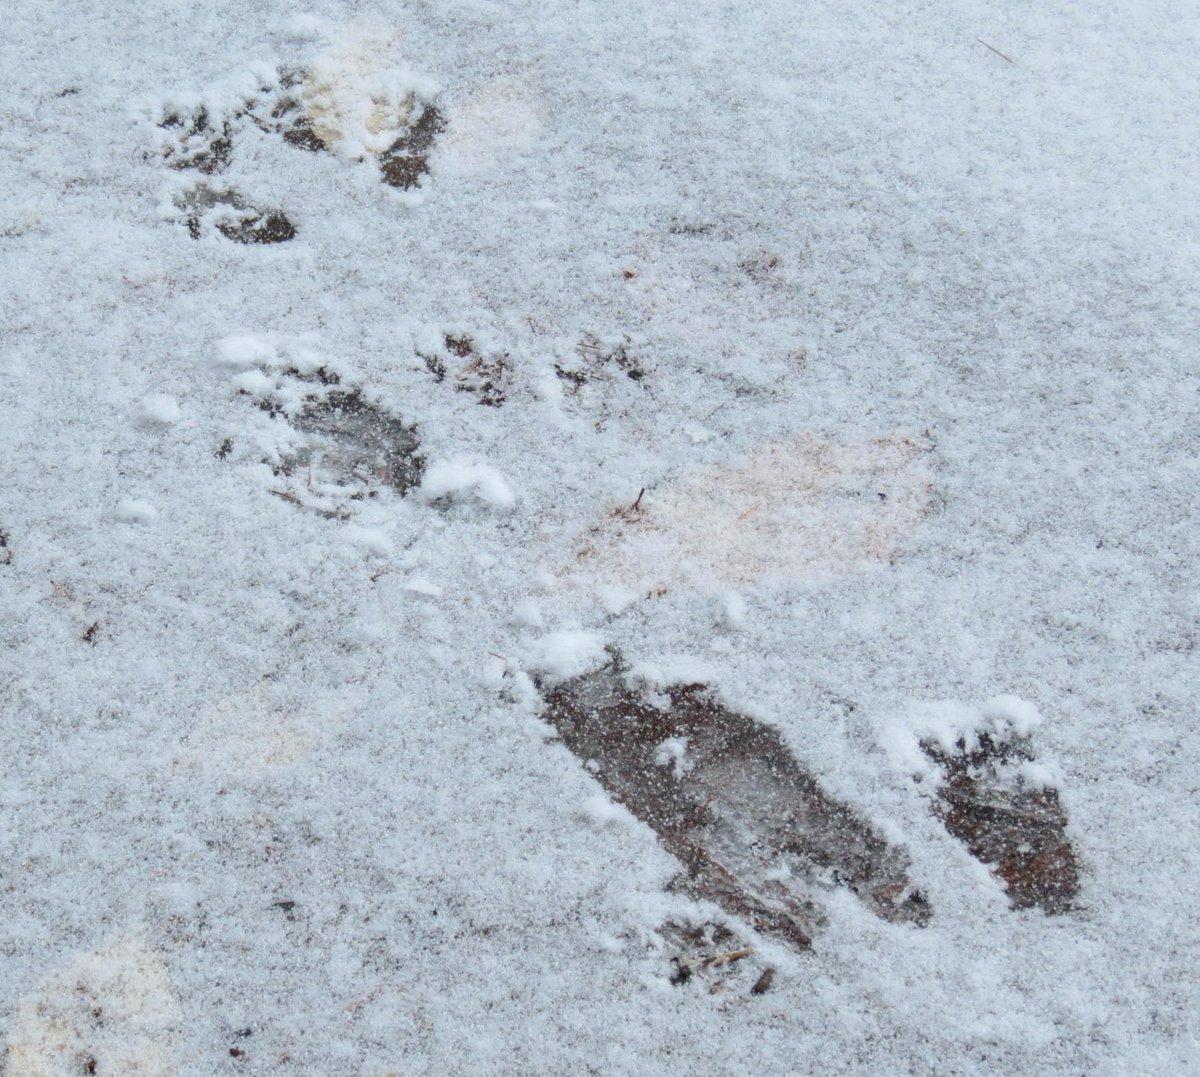 5. Squirrel Tracks